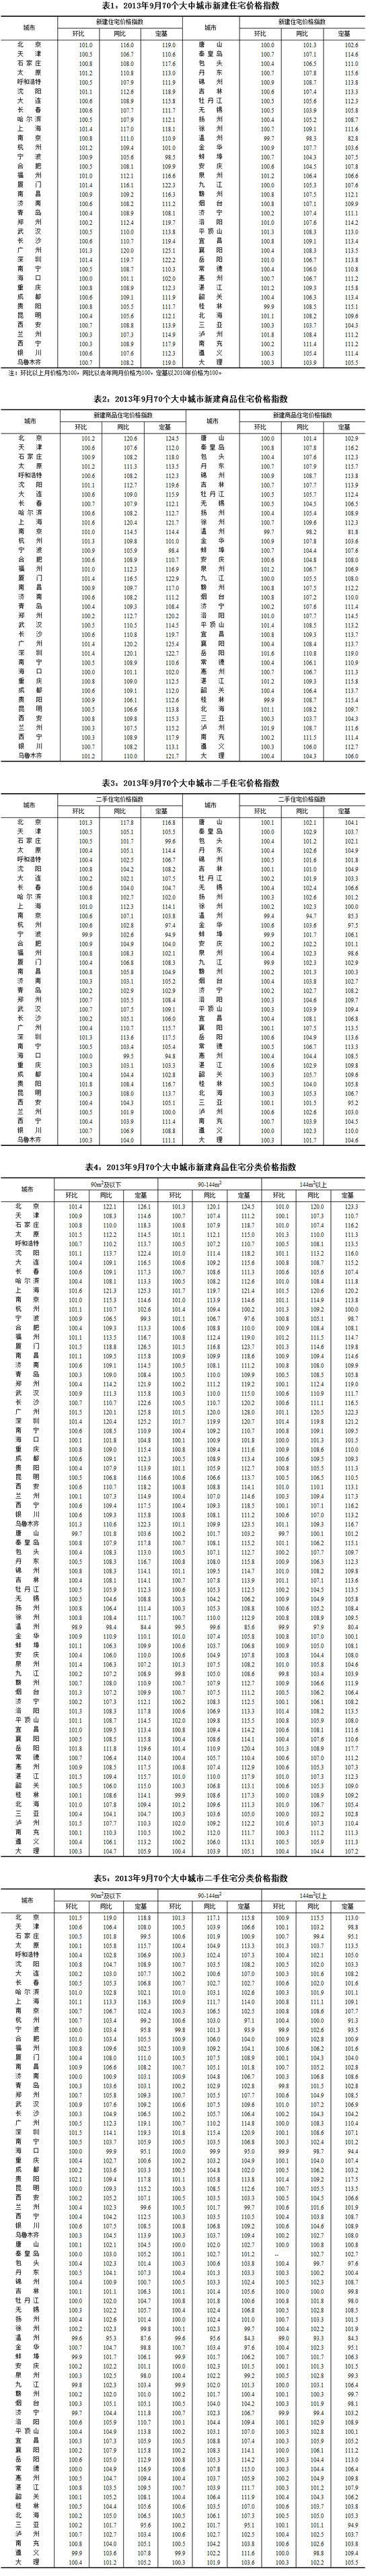 9月70城房价同比仅温州下降 北京涨20.6%居首